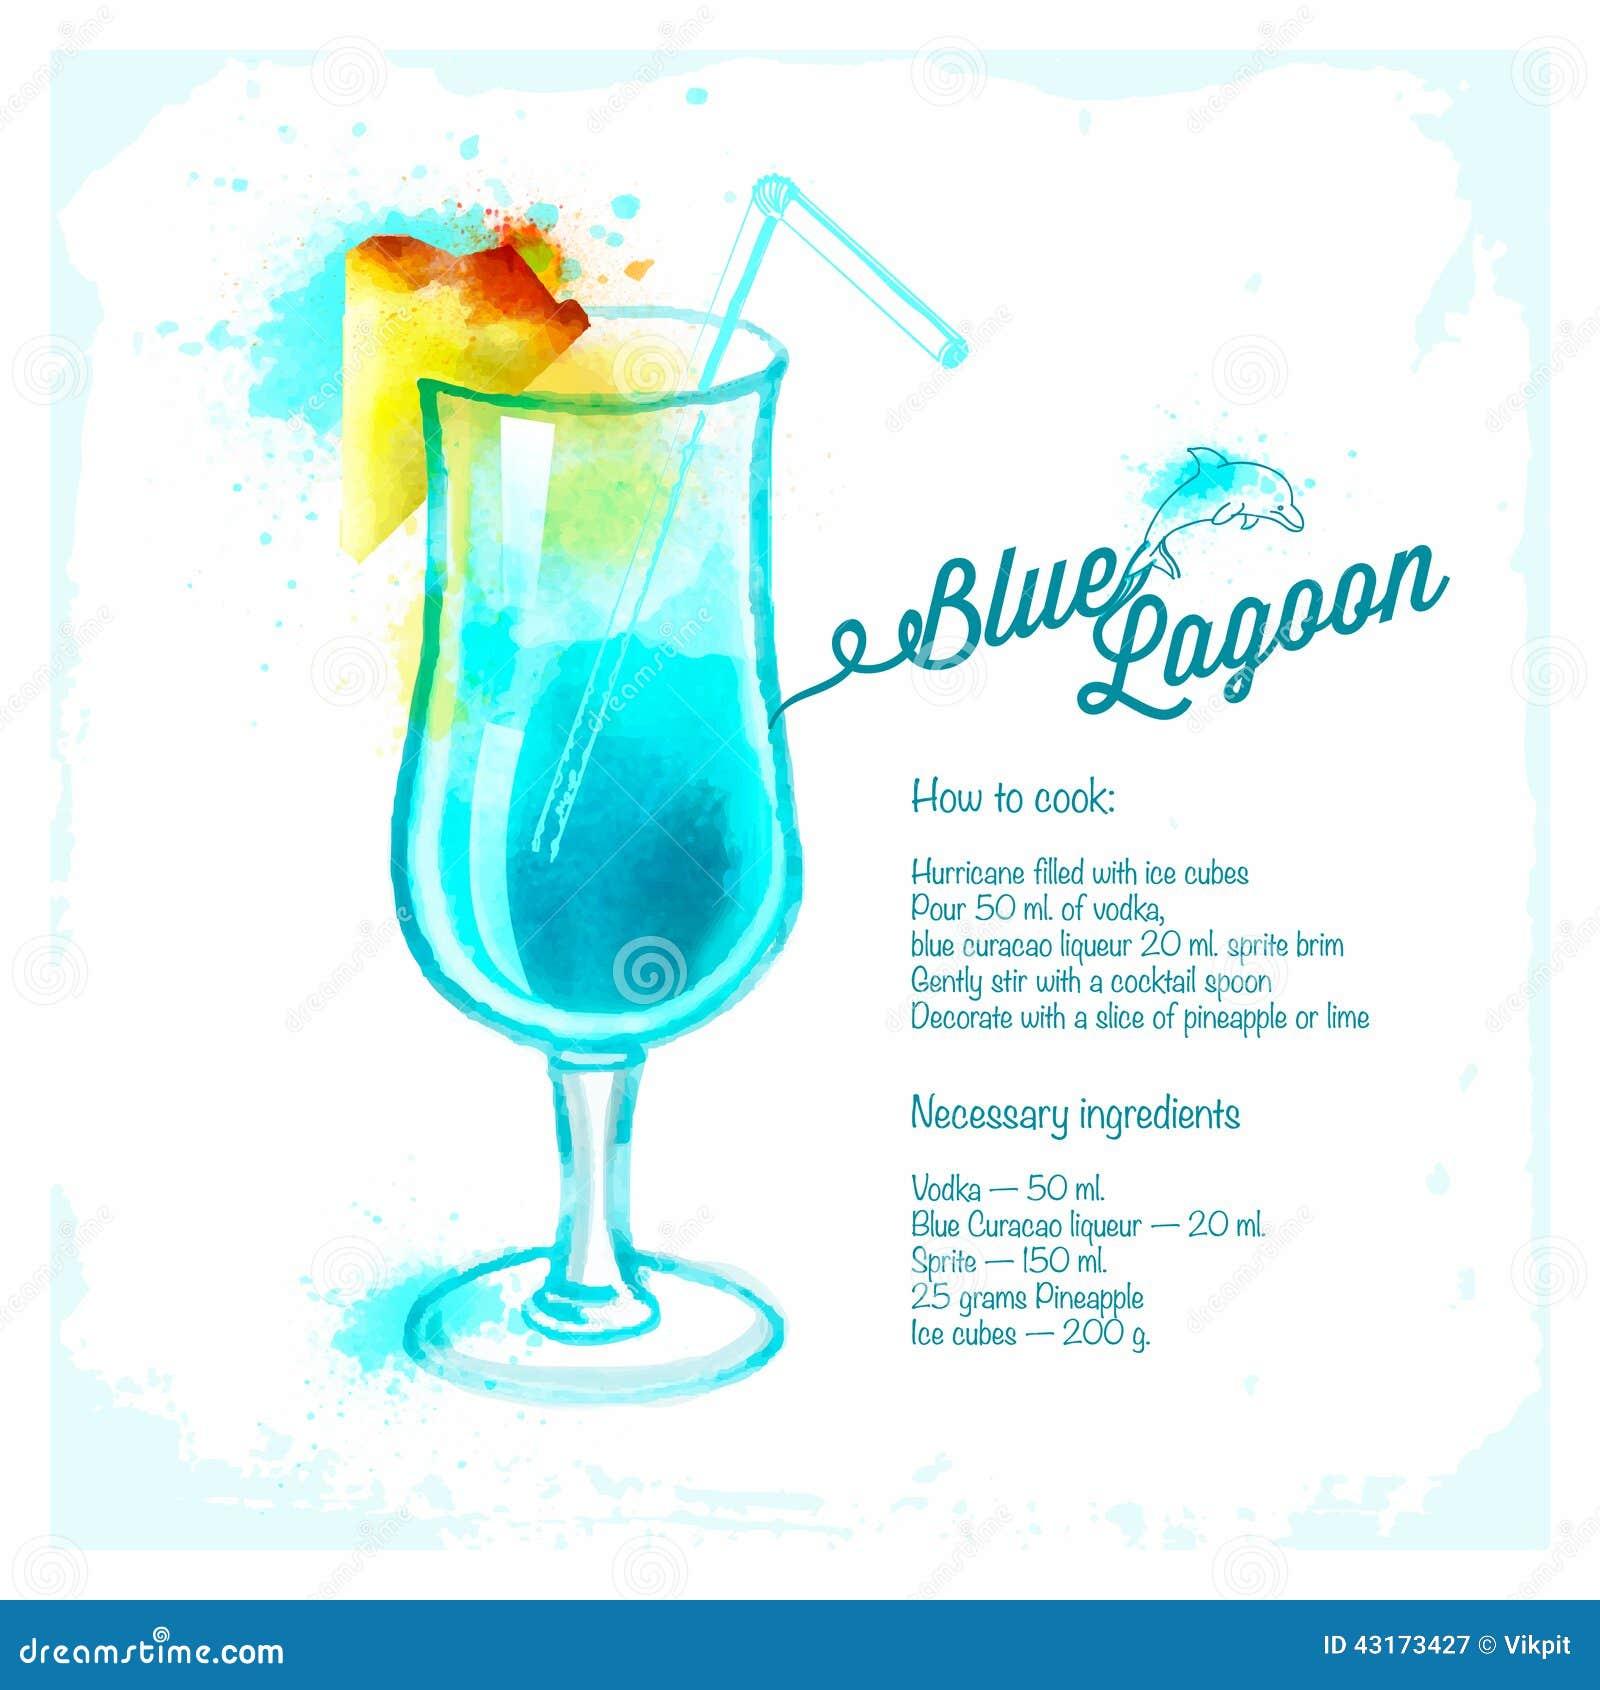 Blue lagoon cocktail rezept  Blaue Gezeichnetes Aquarell Der Lagune Cocktails Vektor Abbildung ...